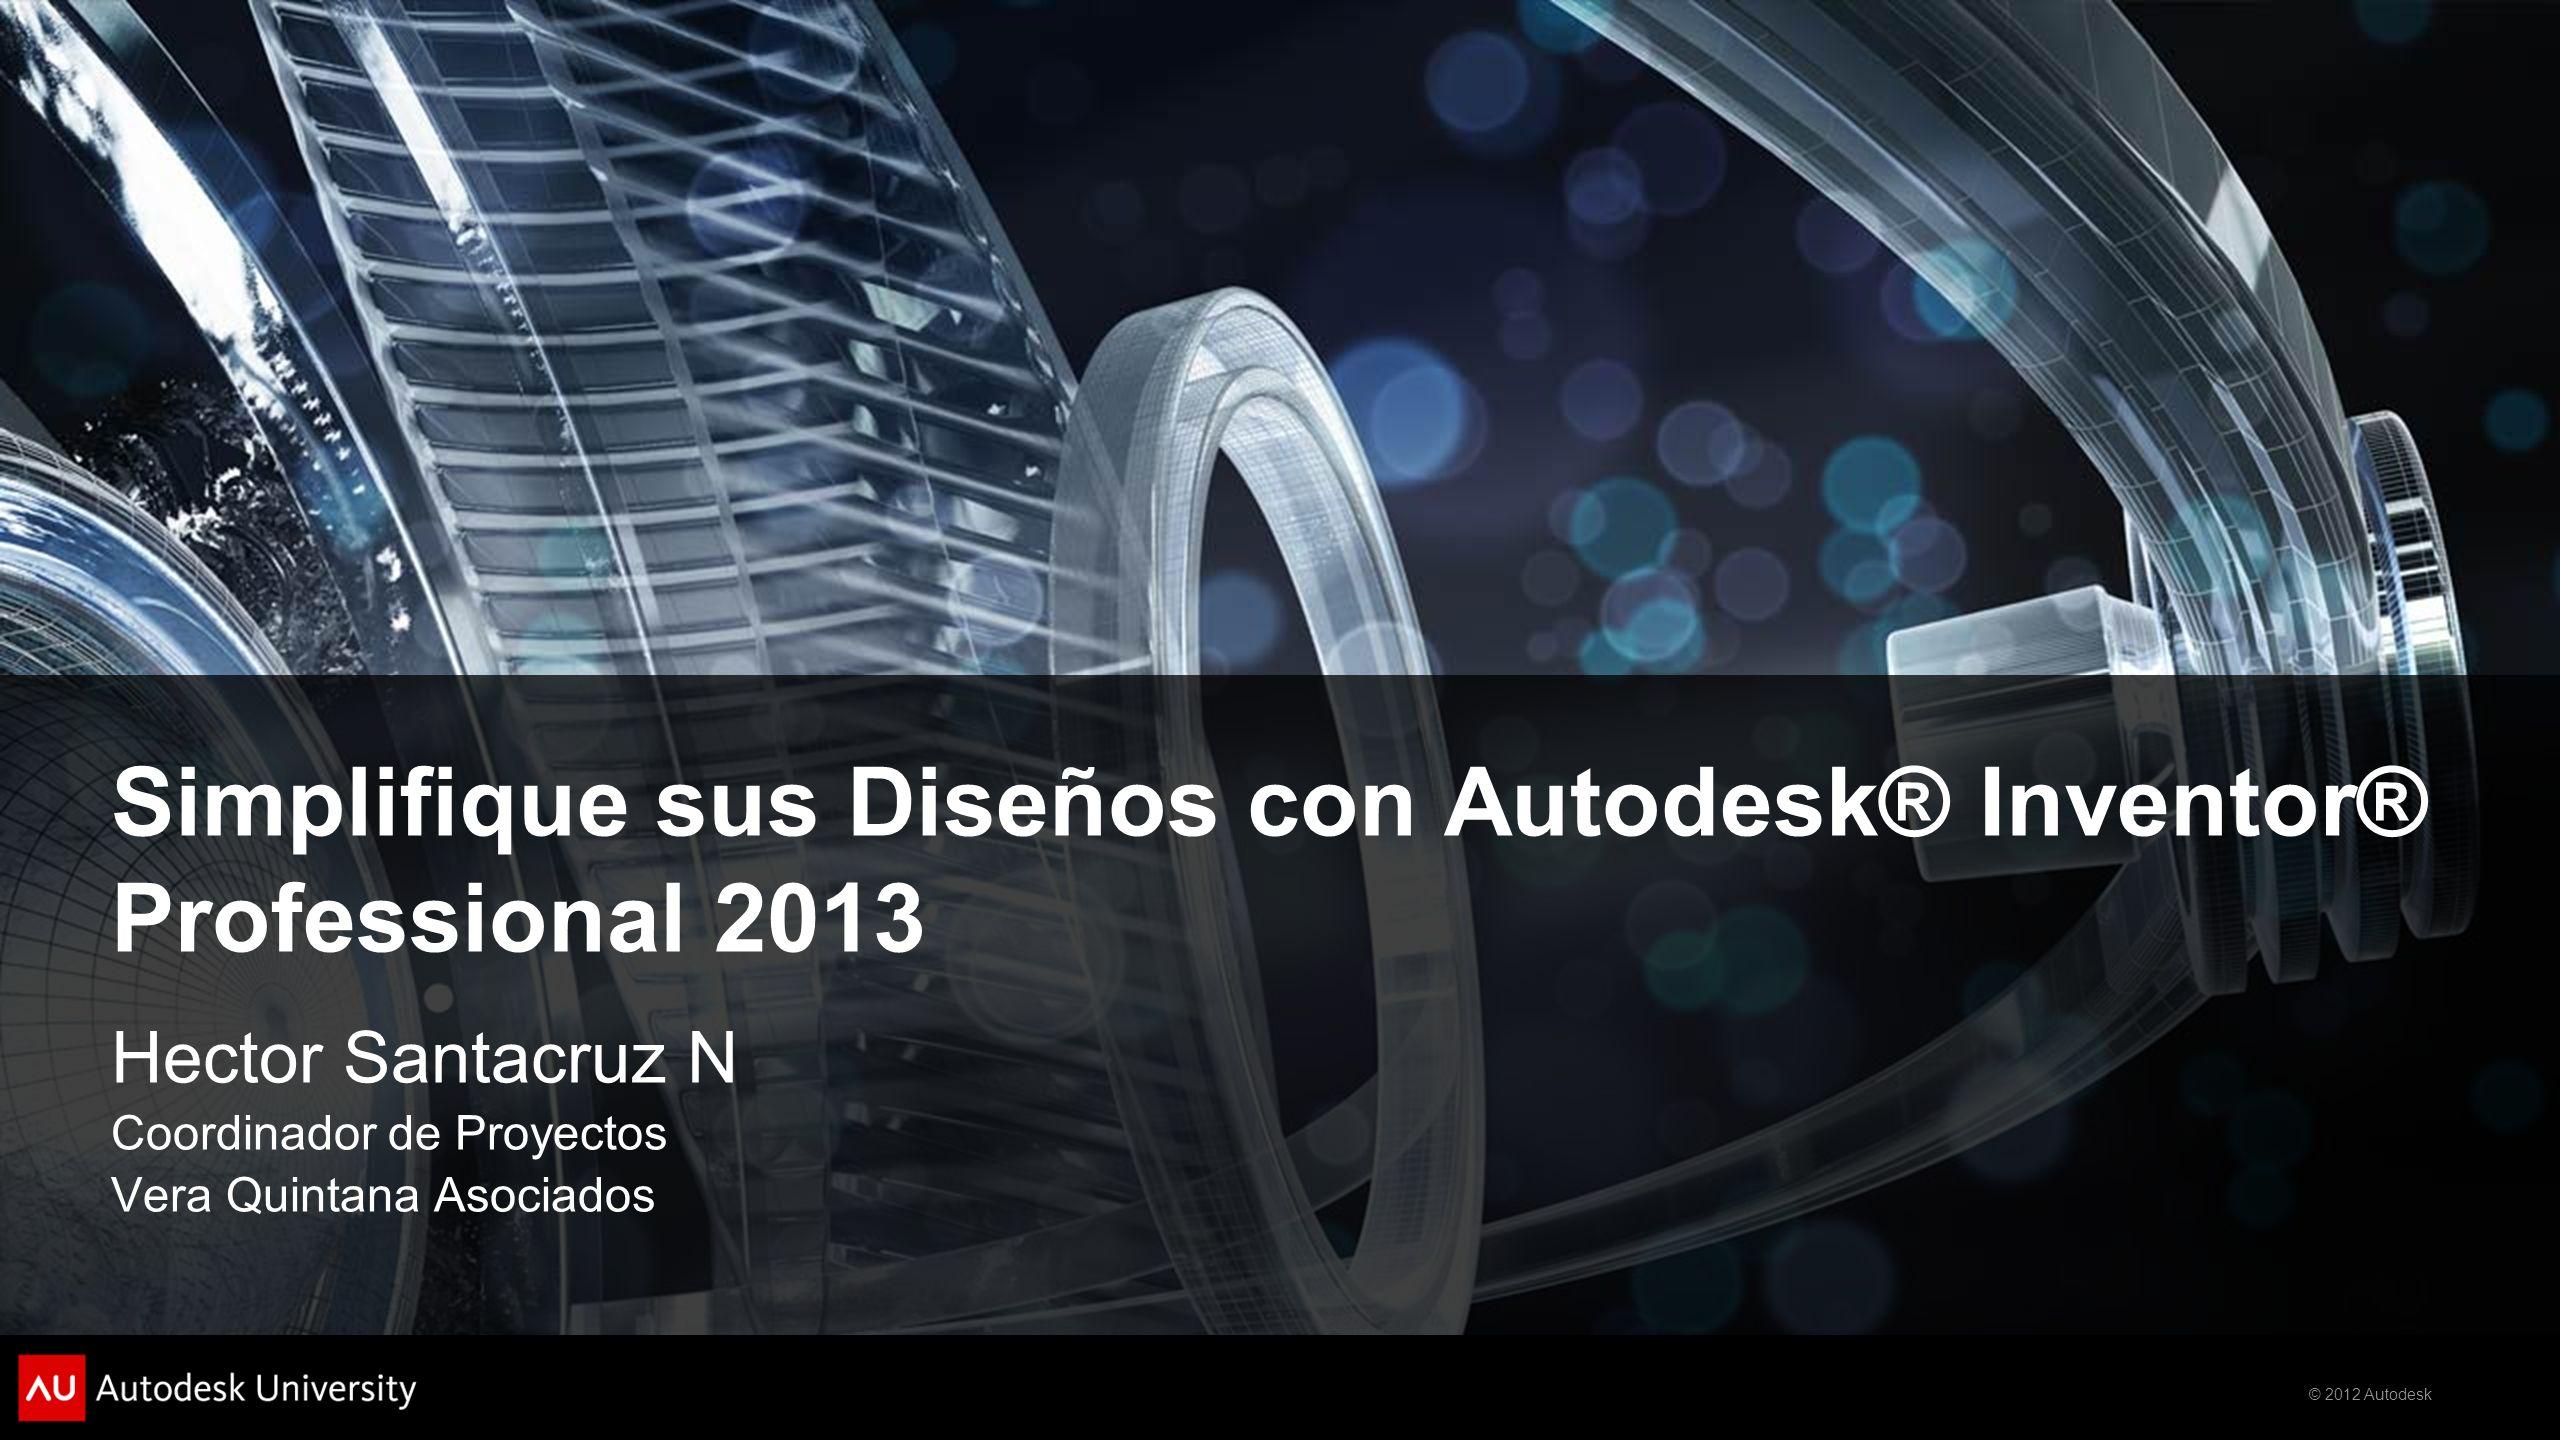 Simplifique sus Diseños con Autodesk® Inventor® Professional 2013